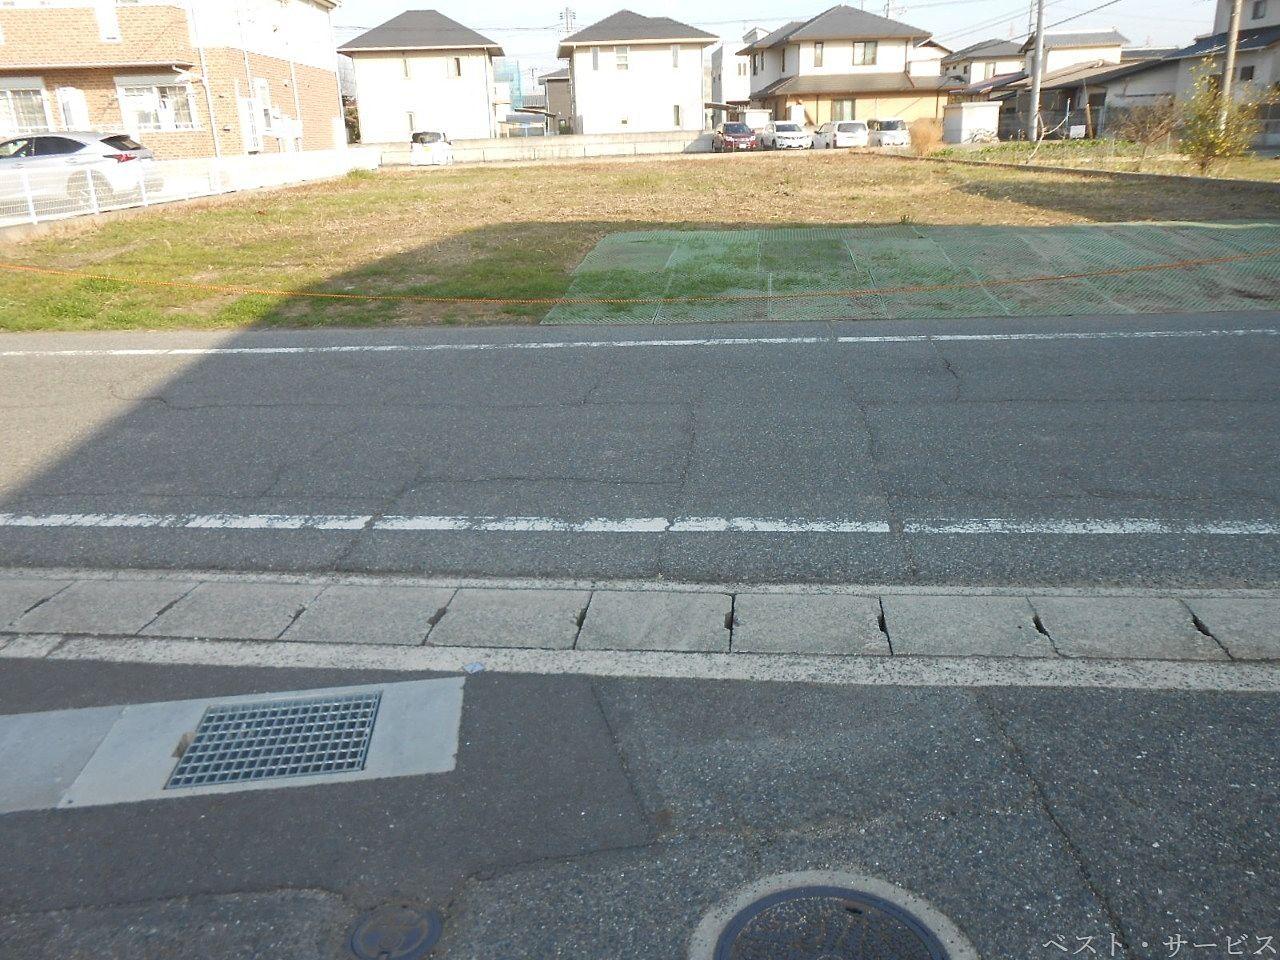 前面道路 市道 幅員6m に面する土地